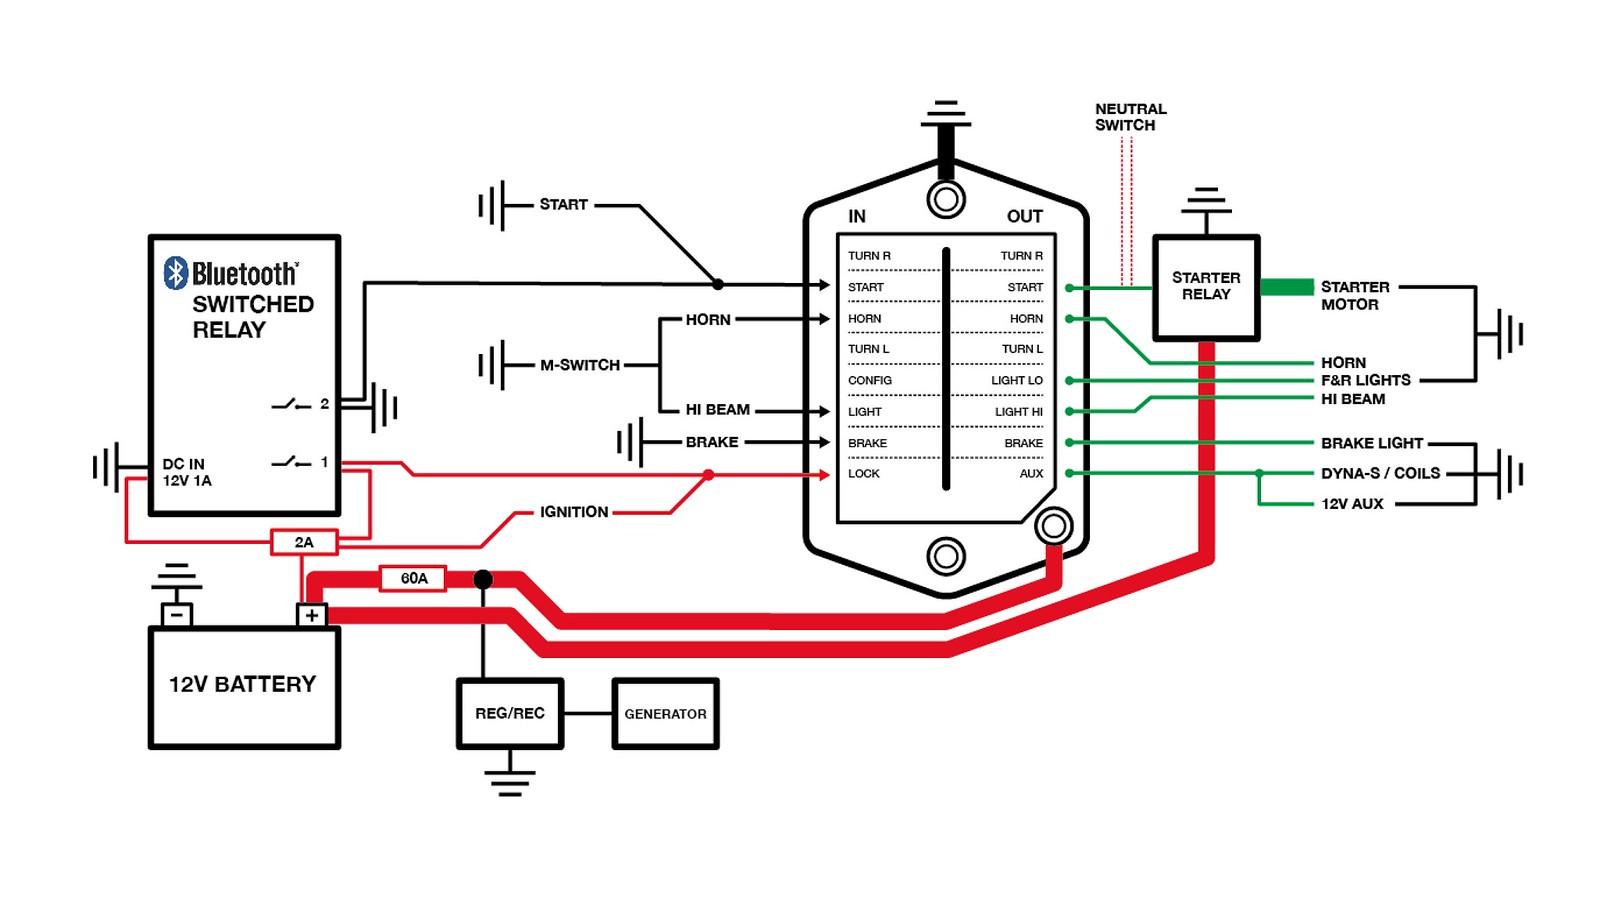 harley accessory plug wiring diagram accessory bracket